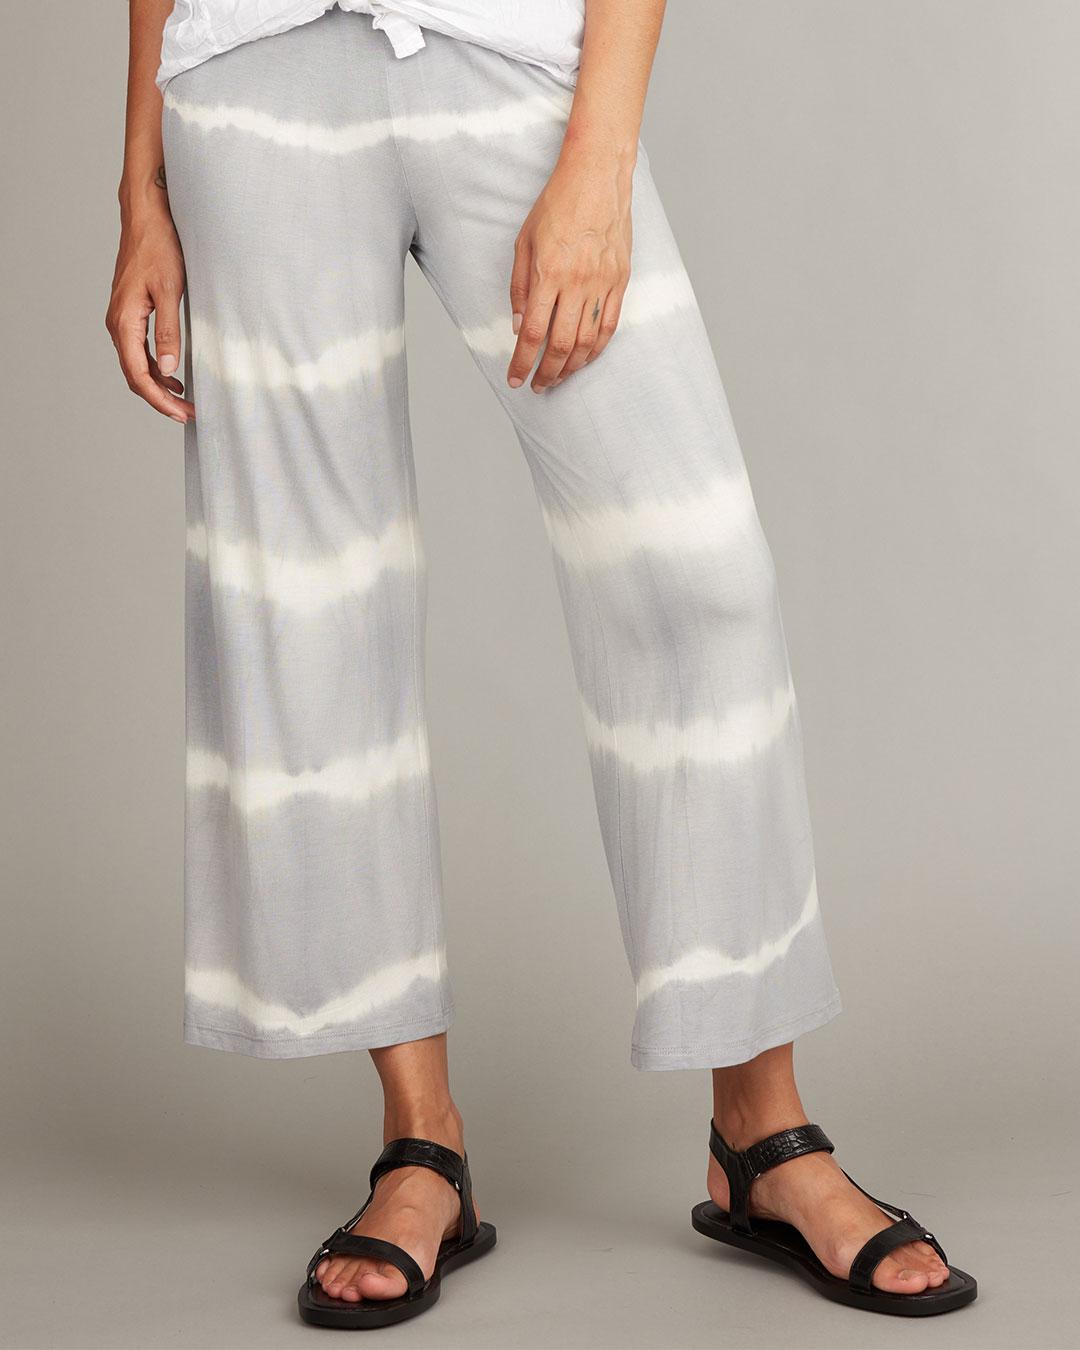 pistache-clothing-tie-dye-cropped-pant-dianes-lingerie-vancouver-1080x1350